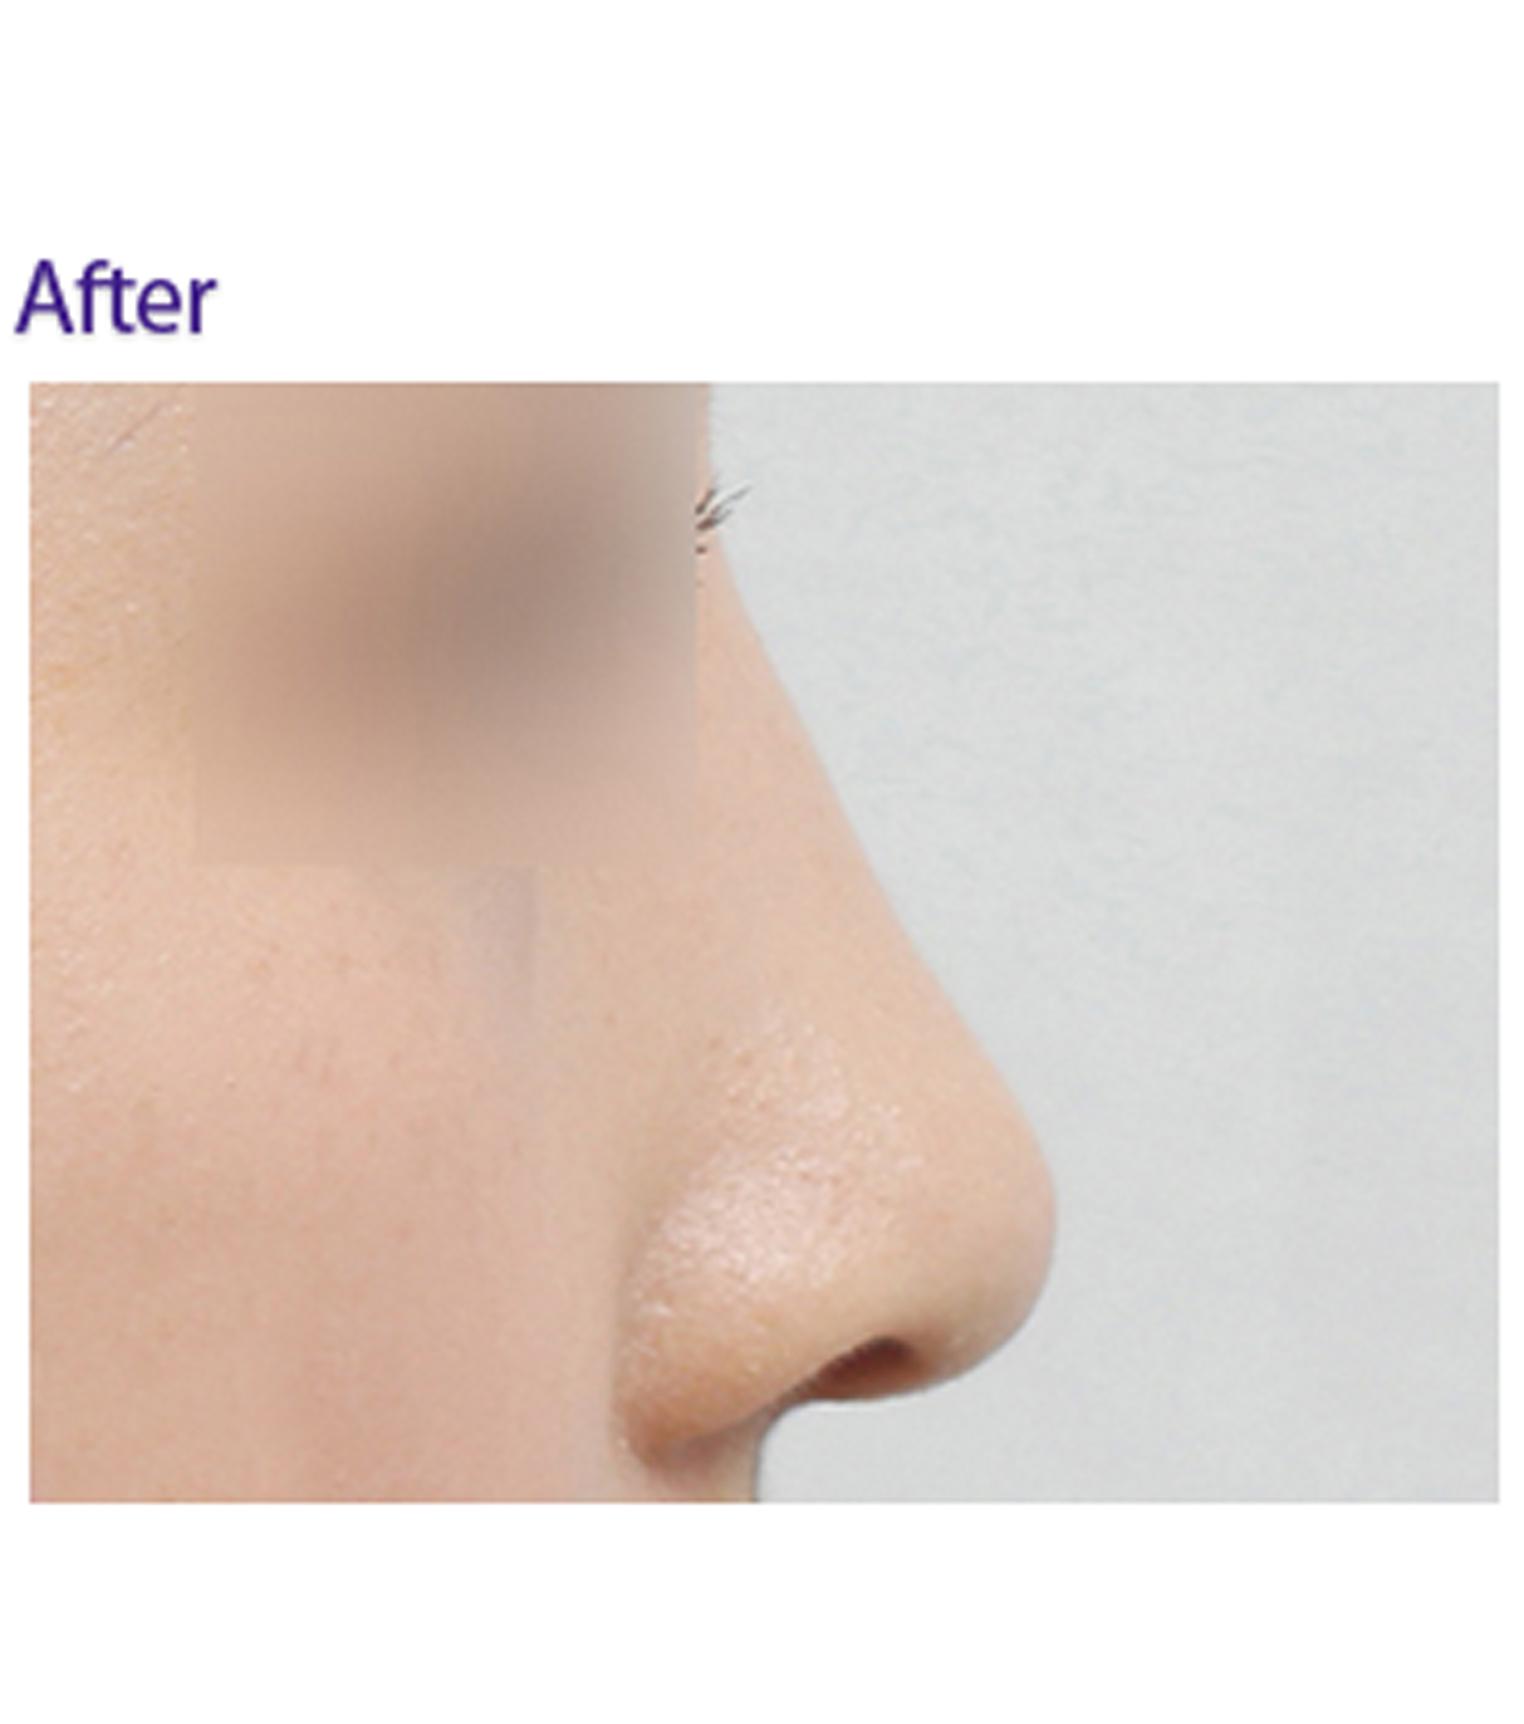 隆鼻手术对?比图